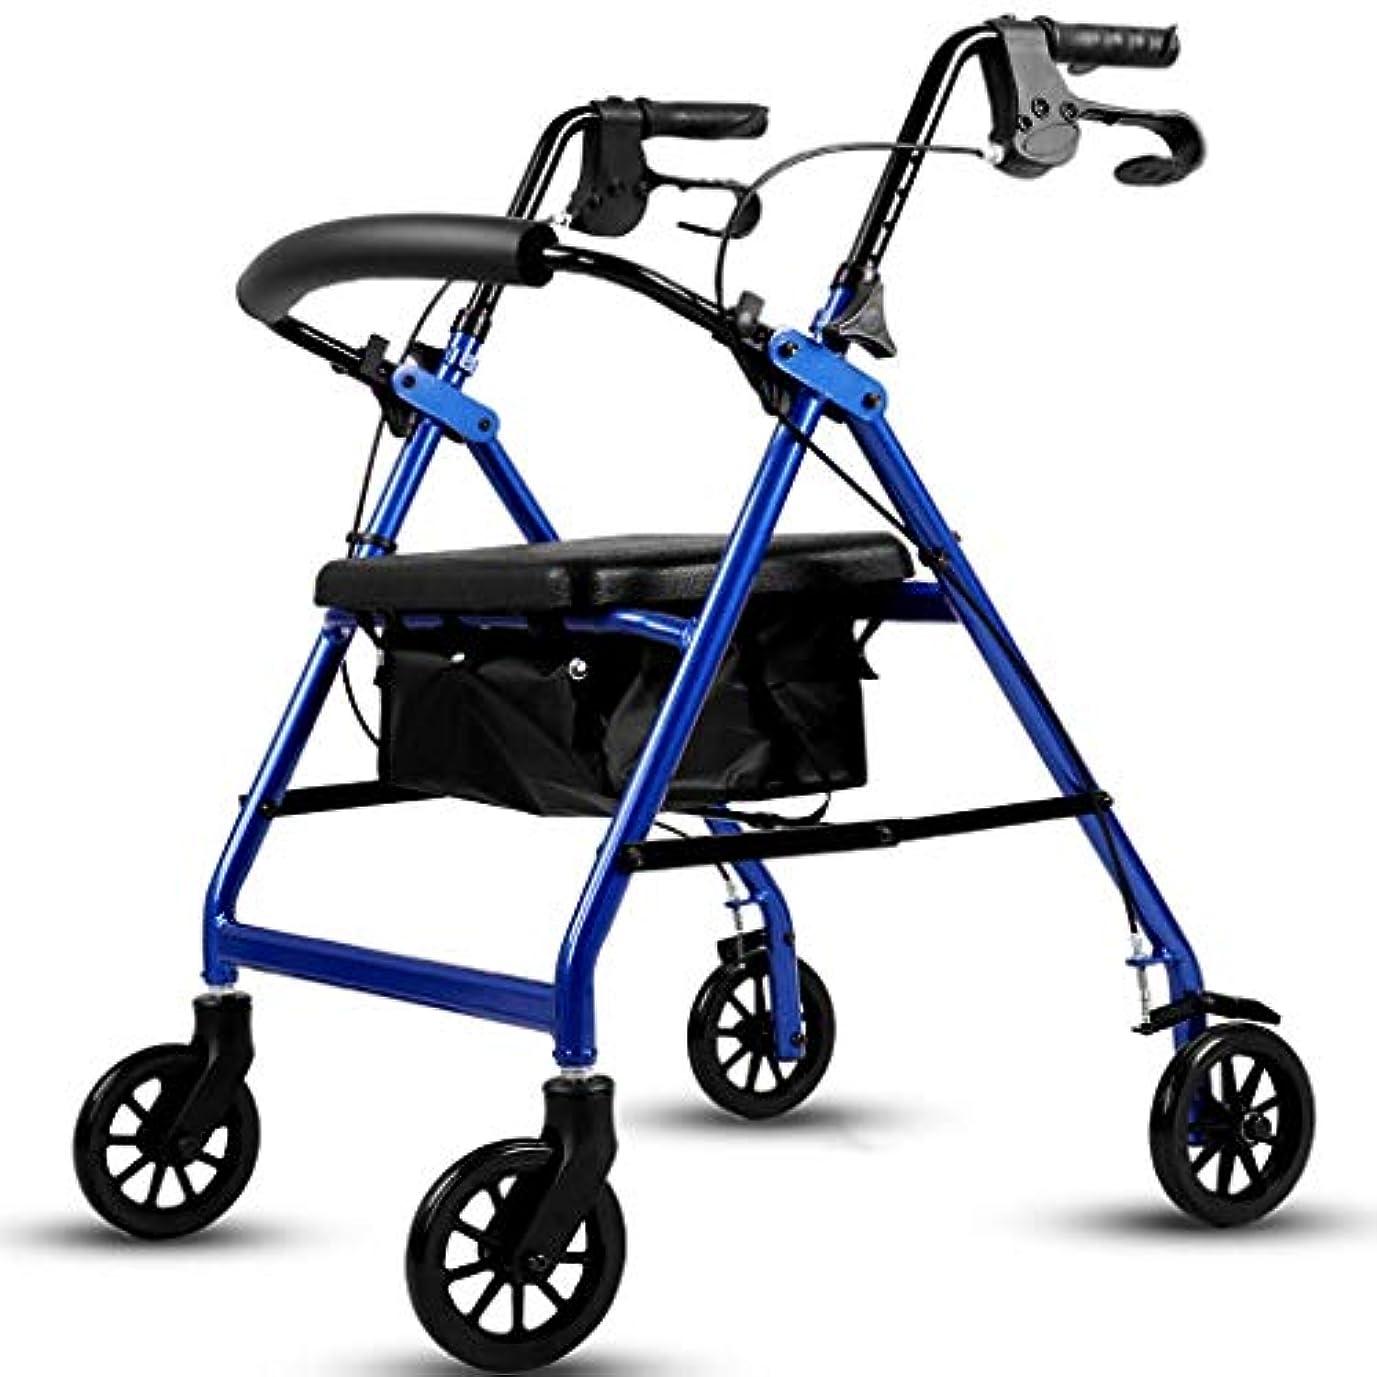 用語集借りている不合格軽量ローリングウォーカー、パッド入りシートとバッグ付きアルミニウムローラー、コンパクト折りたたみデザインハンドブレーキ付きヘビーデューティーウォーカー